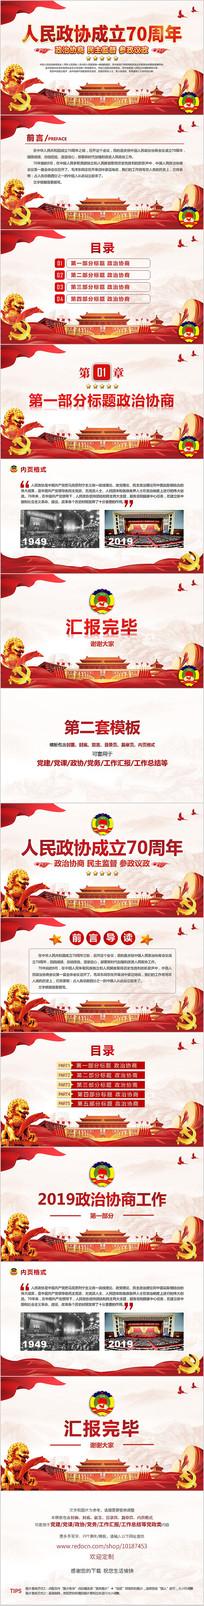 政协成立70周年政协工作汇报PPT模板